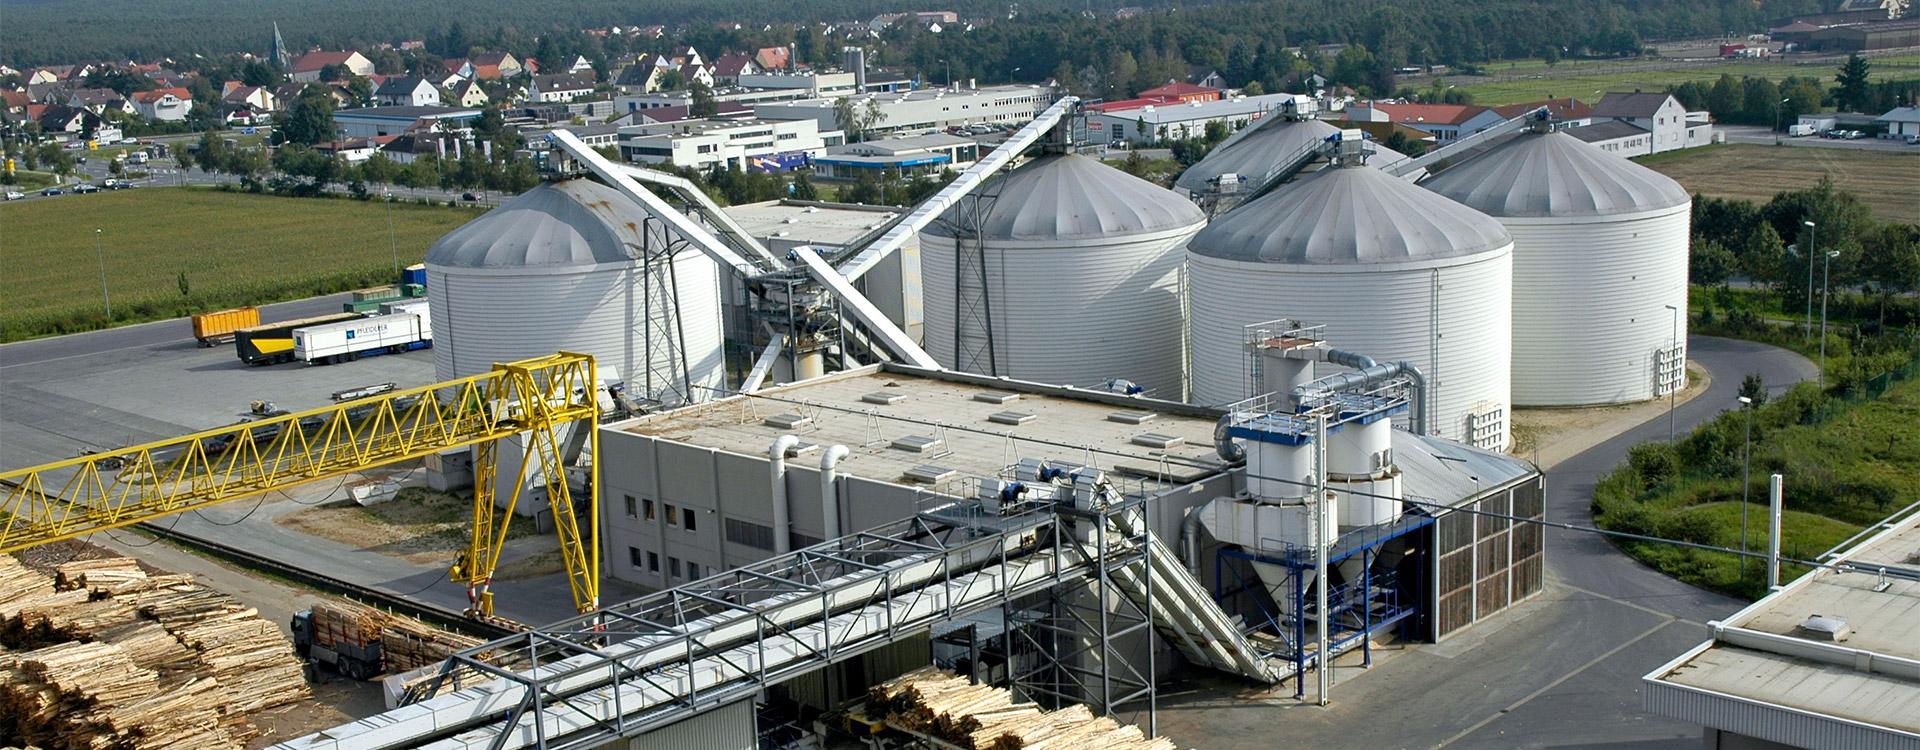 Schuettgutsilo Industrie - Lipp System